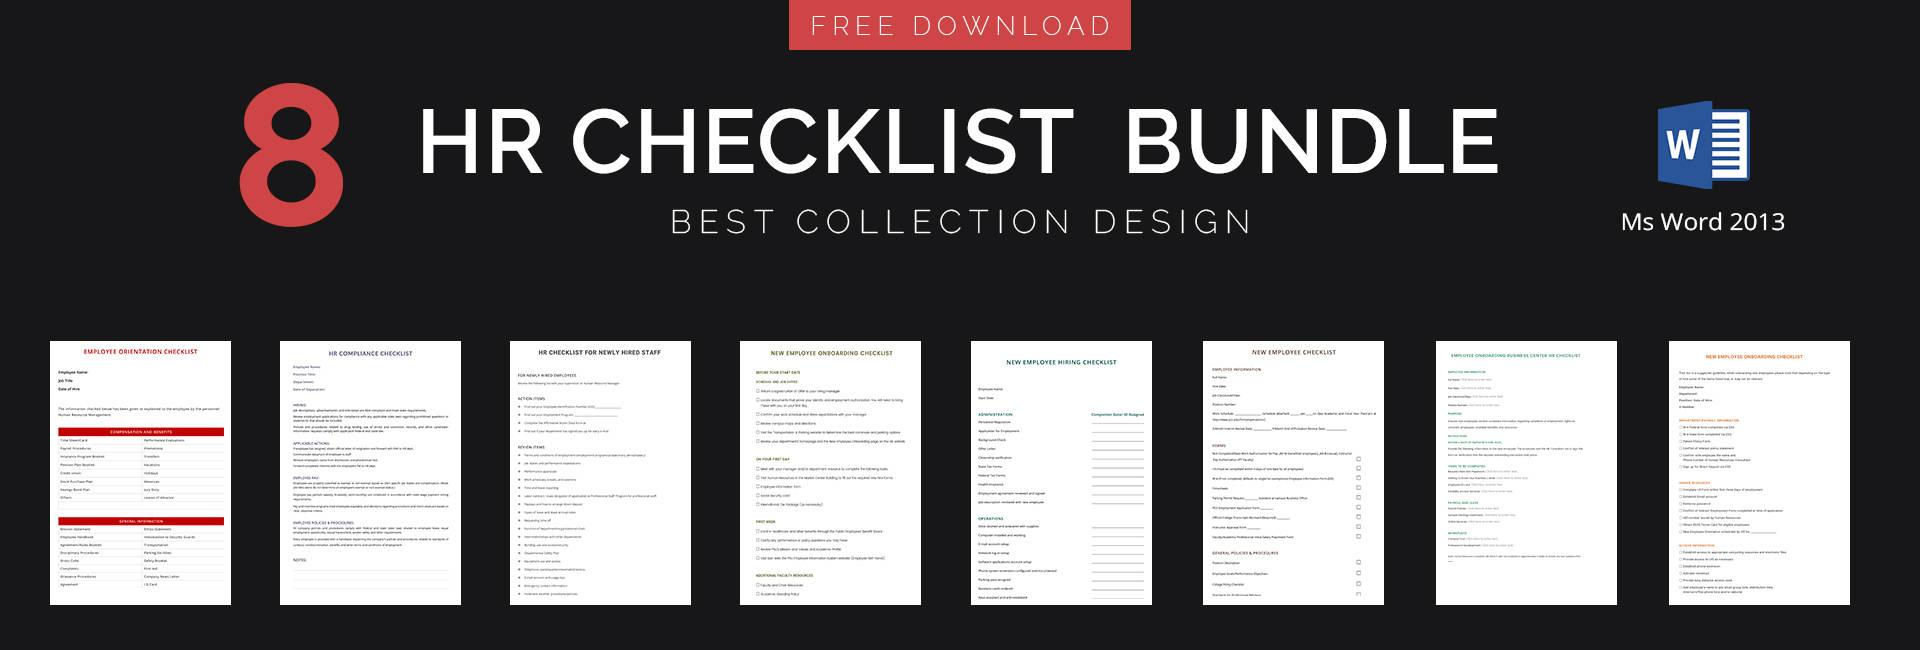 hr_checklist_bundle1